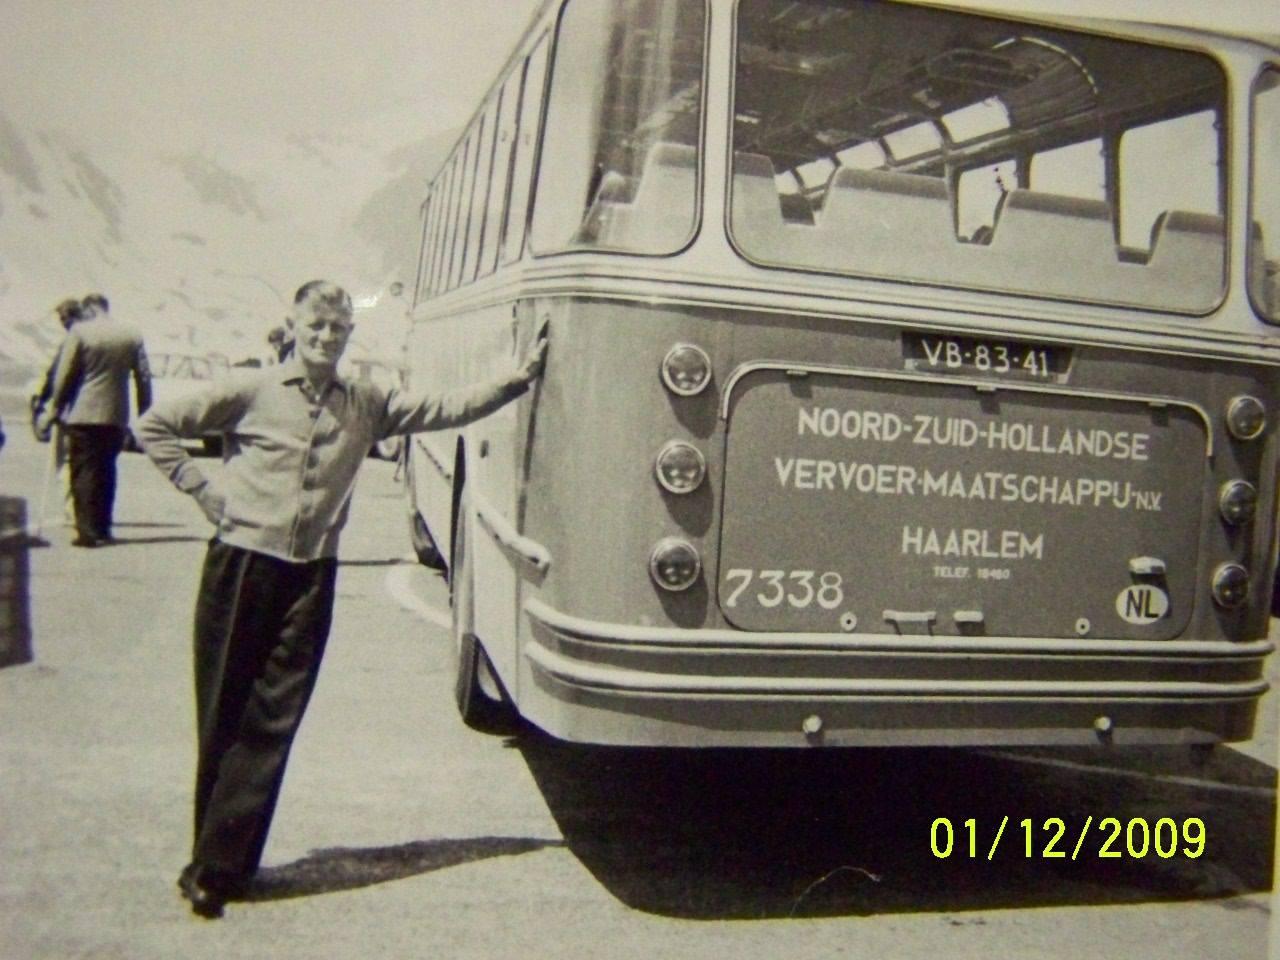 Ome-jan-broer-van-mijn-vader-eerste-buitenland-chauffeur-bij-toen-nog-de-NZH--